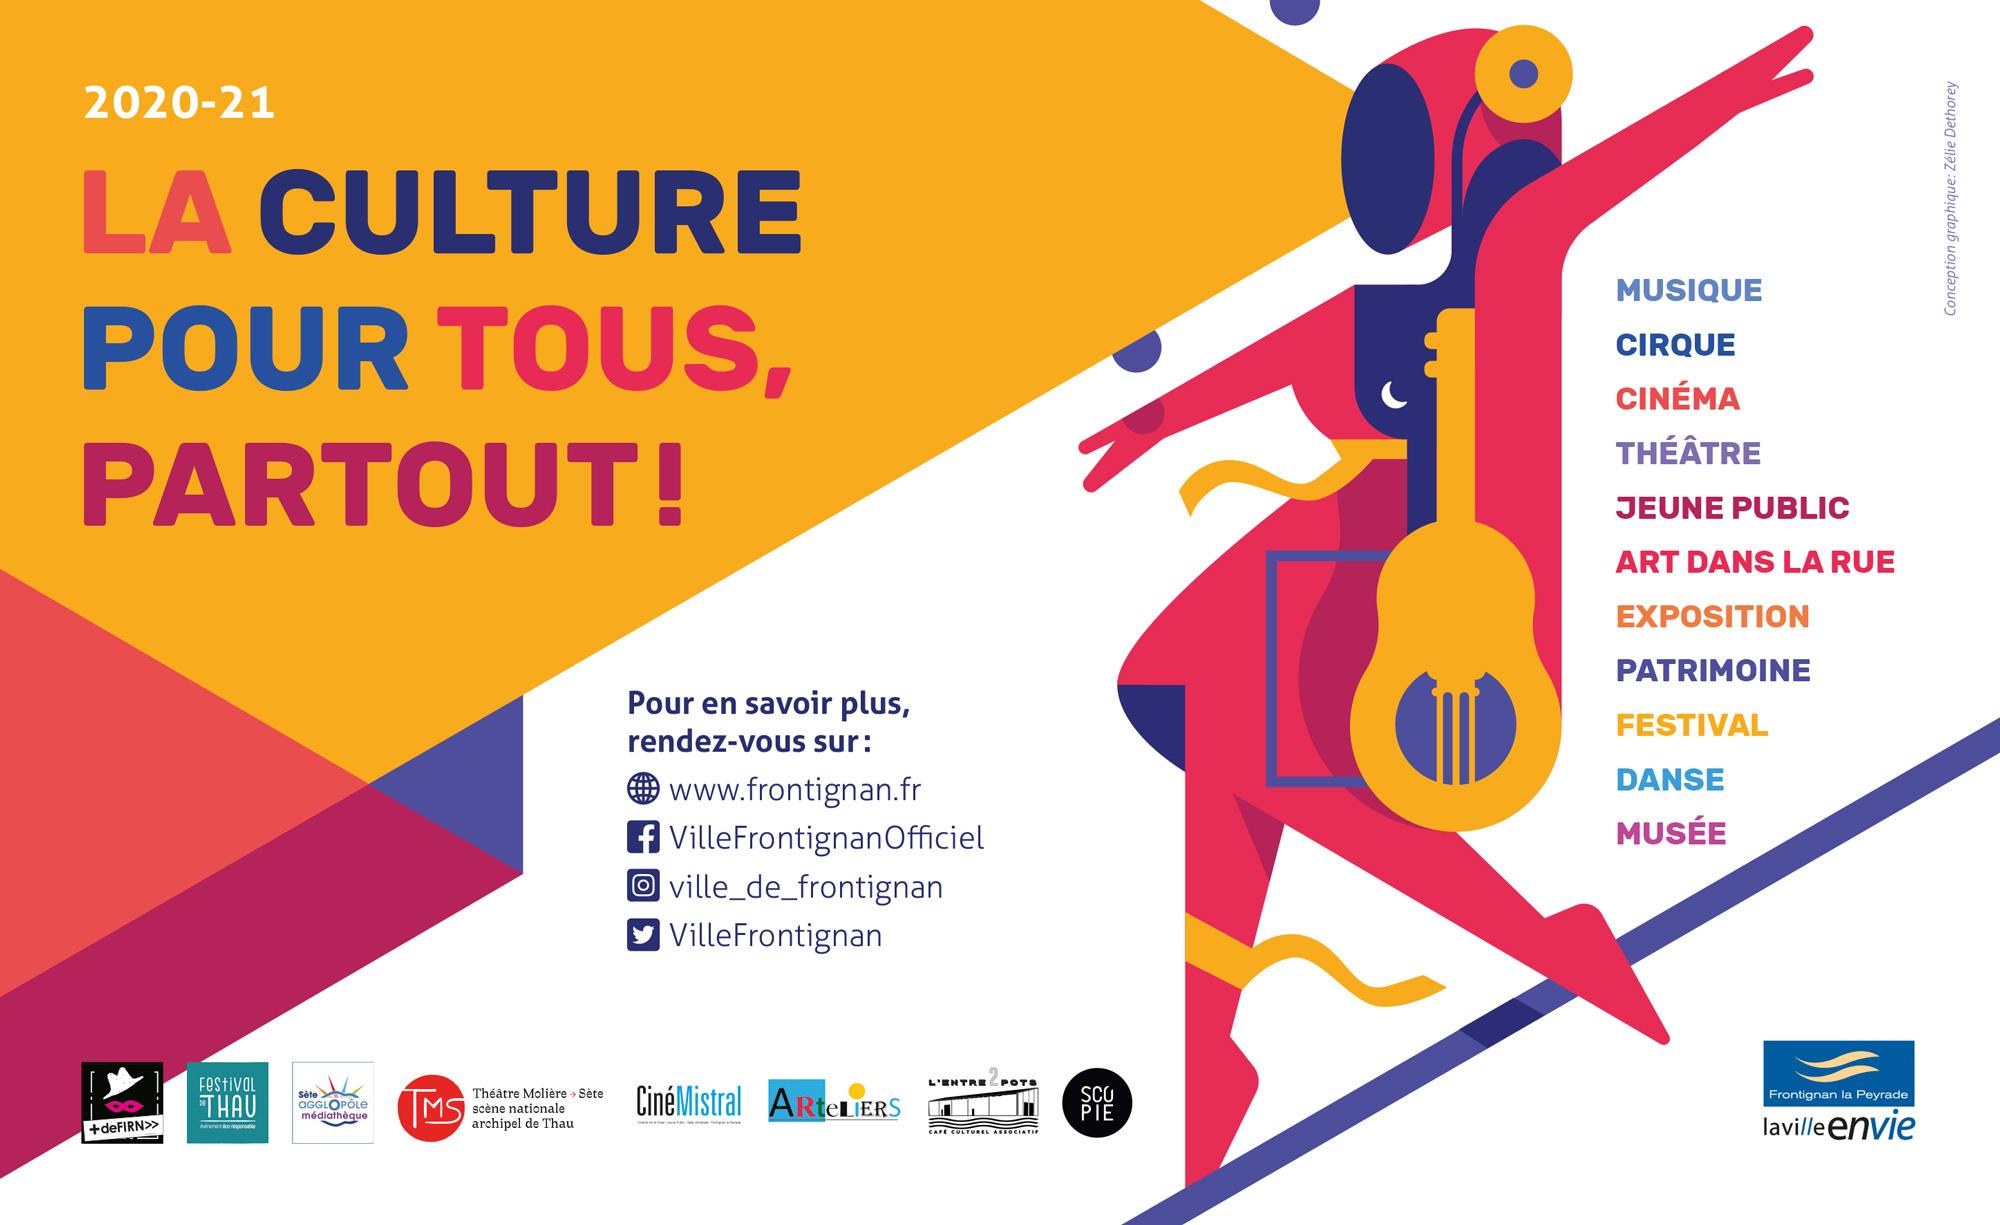 Musique, cirque, cinéma, exposition, patrimoine, arts de la rue, danse, musée